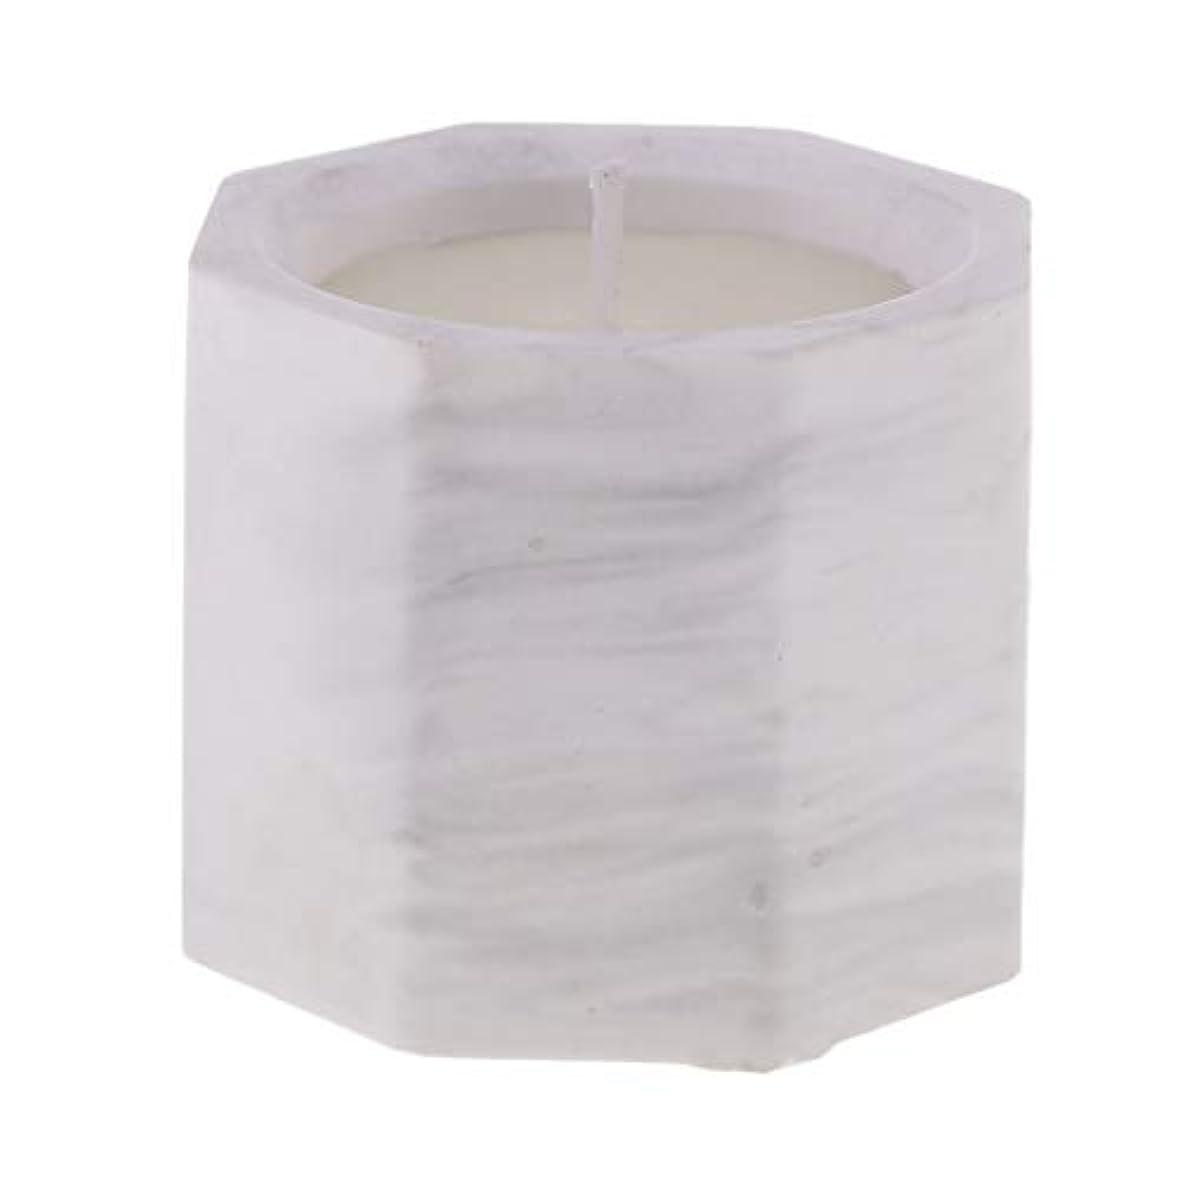 栄光のビデオ吹雪D DOLITY アロマキャンドル オクタゴン形 香りキャンドル 友人用 誕生日用 家族用 約58mm